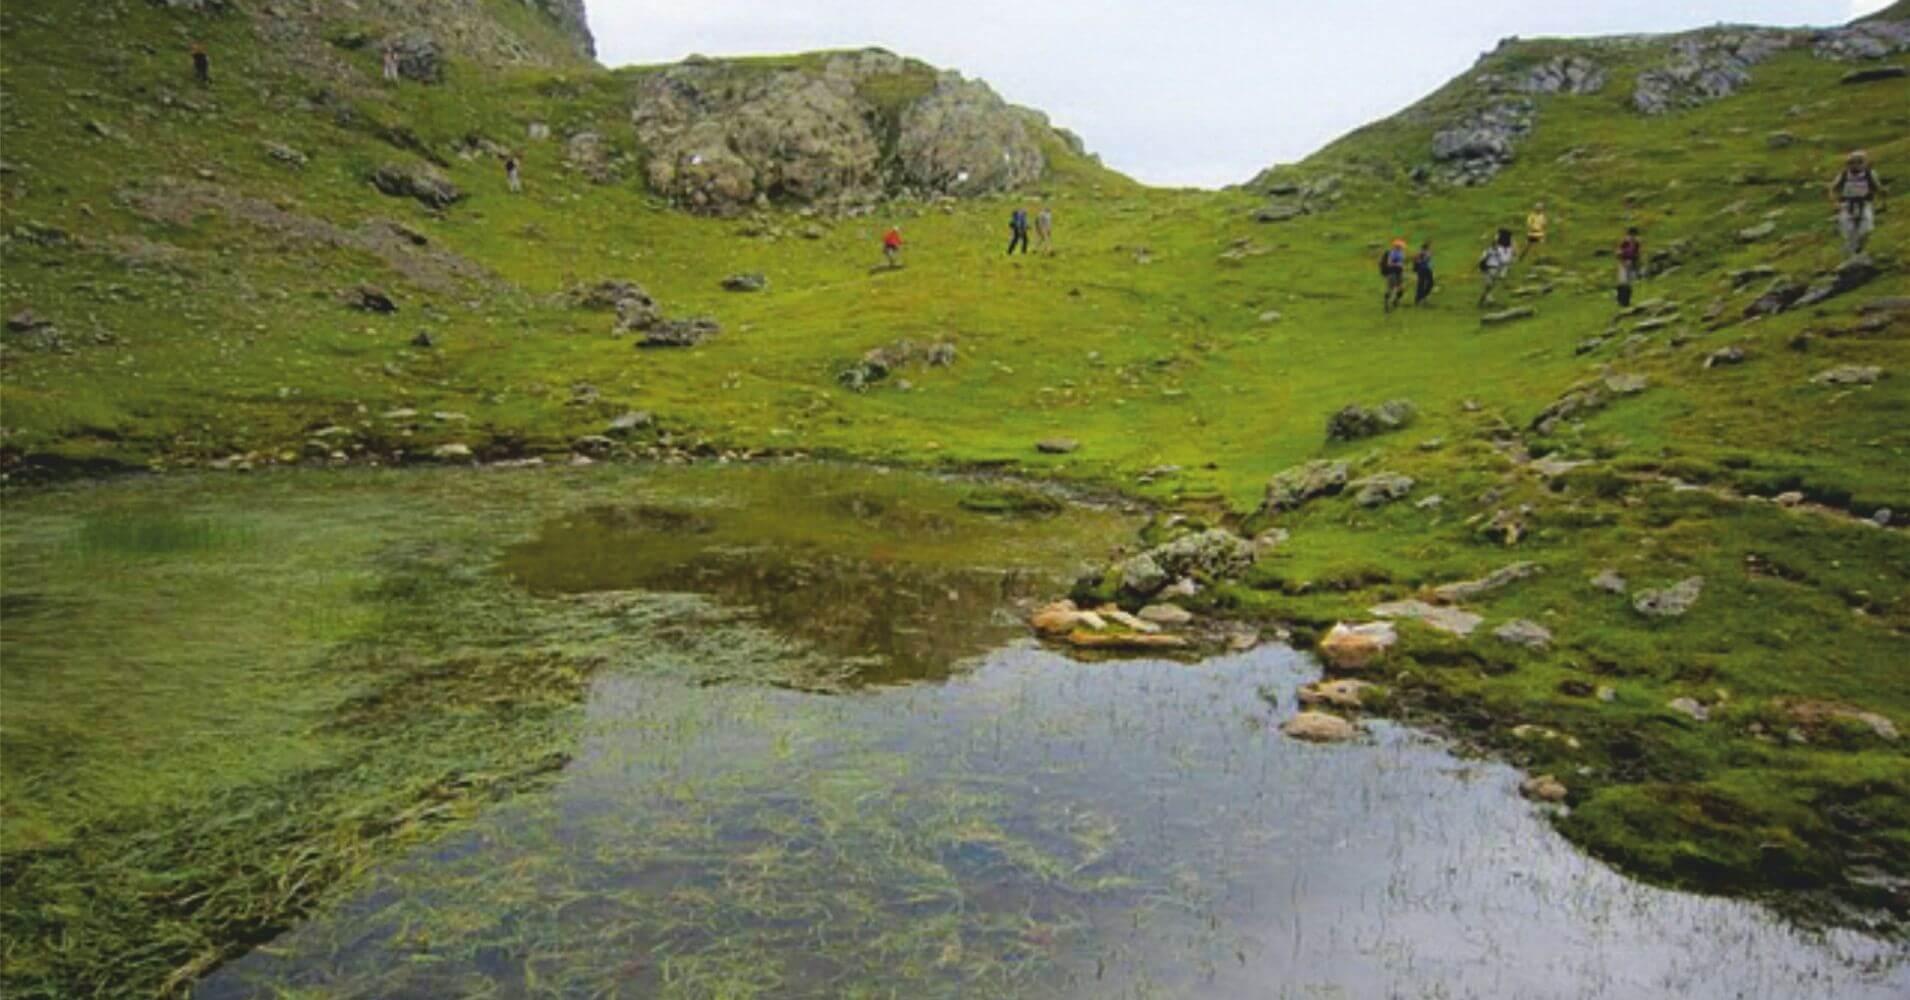 Gr10 Parque Nacional de Pirineos. Nueva Aquitania. Pirineos Atlánticos. Francia.